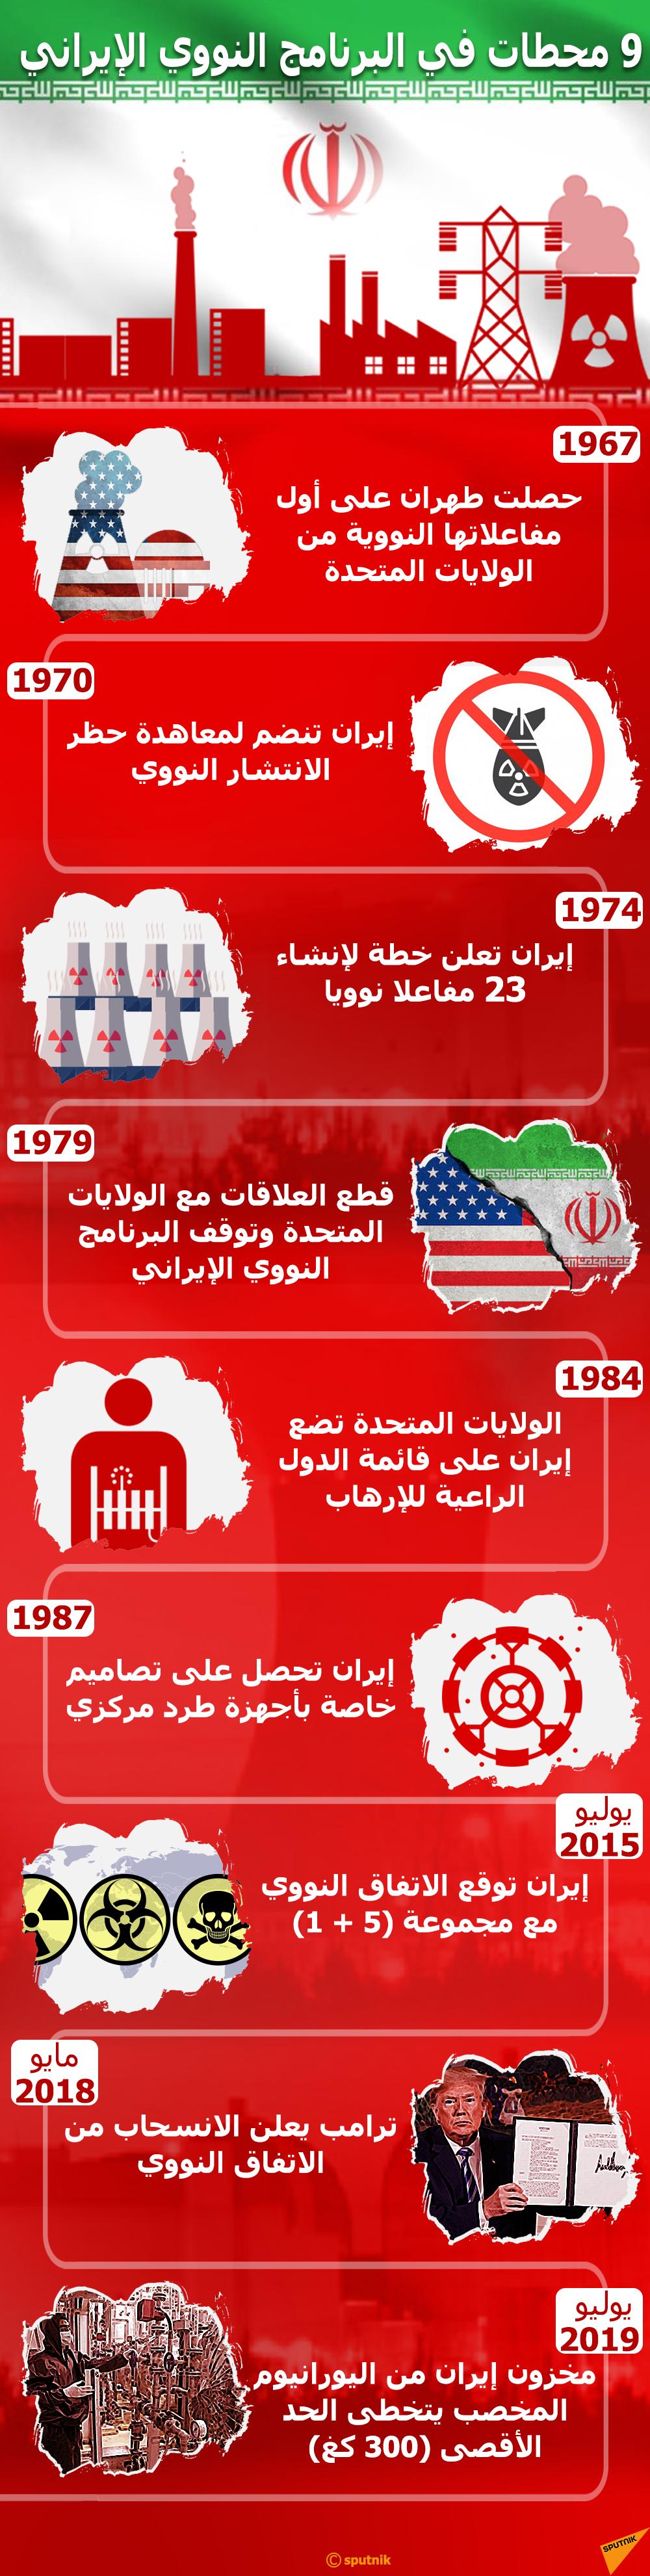 إنفوجرافيك - 9 محطات في البرنامج النووي الإيراني